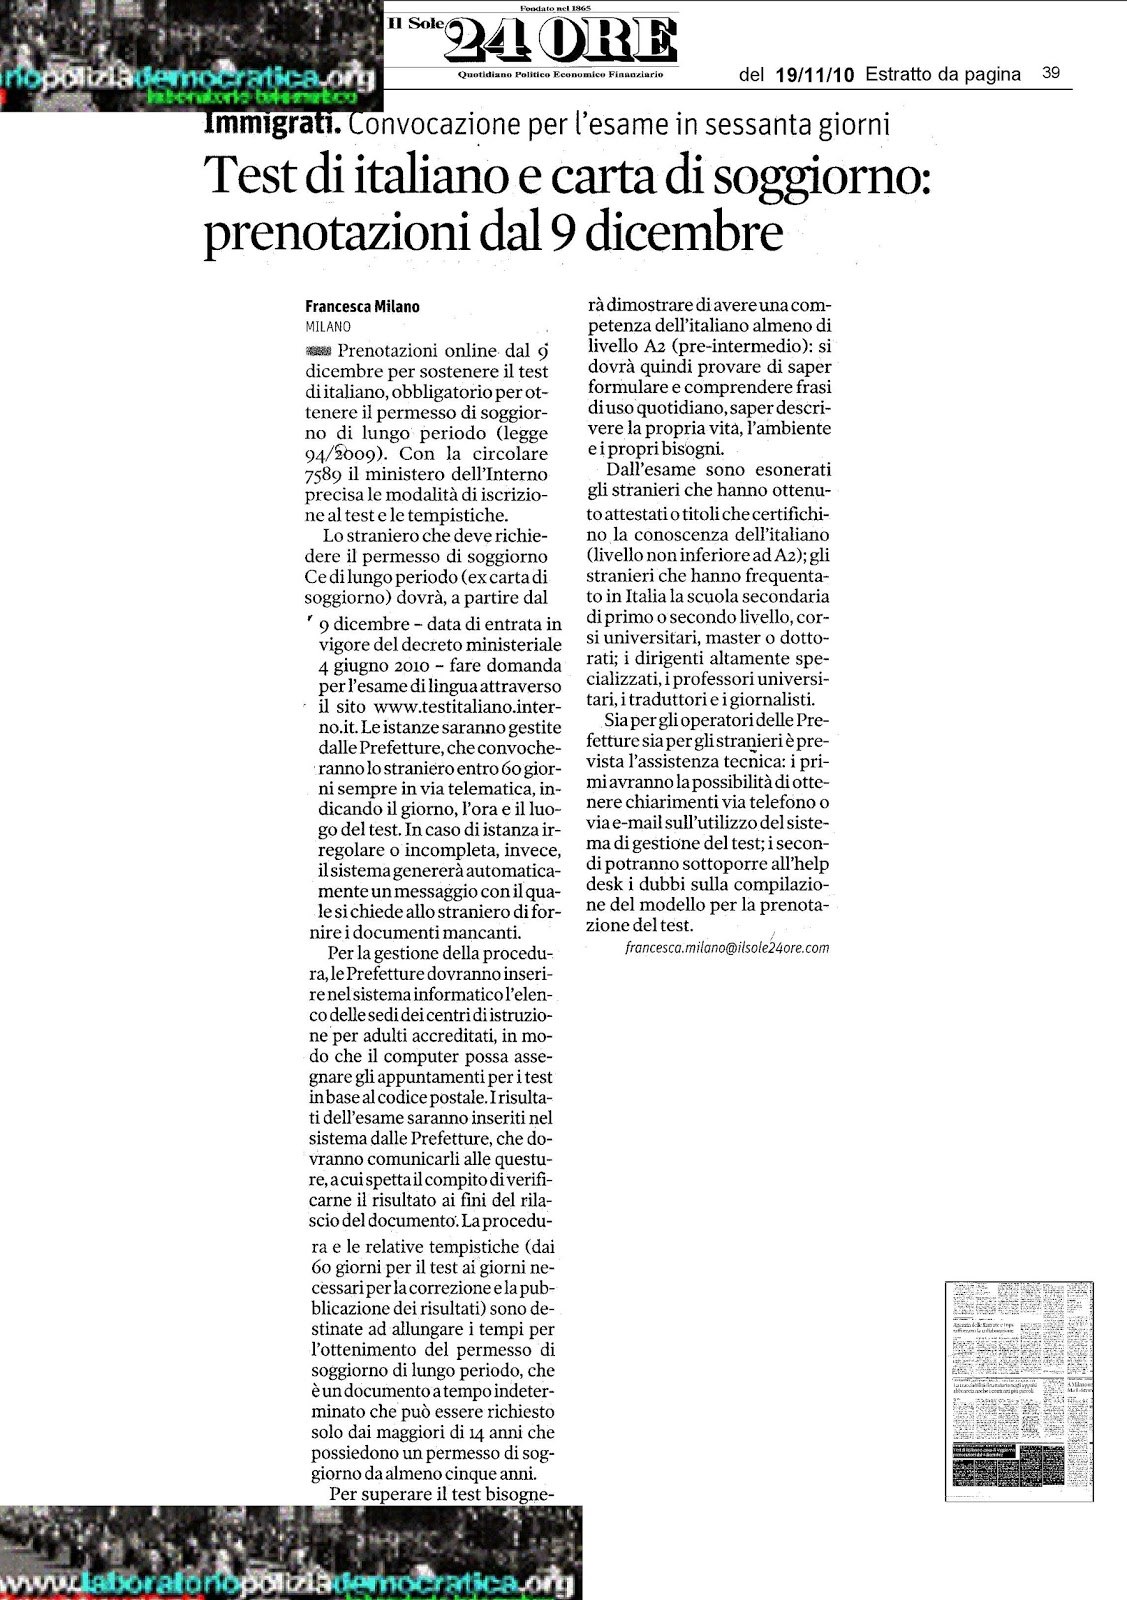 Lpd stranieri test di italiano e carta di soggiorno for Test per stranieri carta di soggiorno